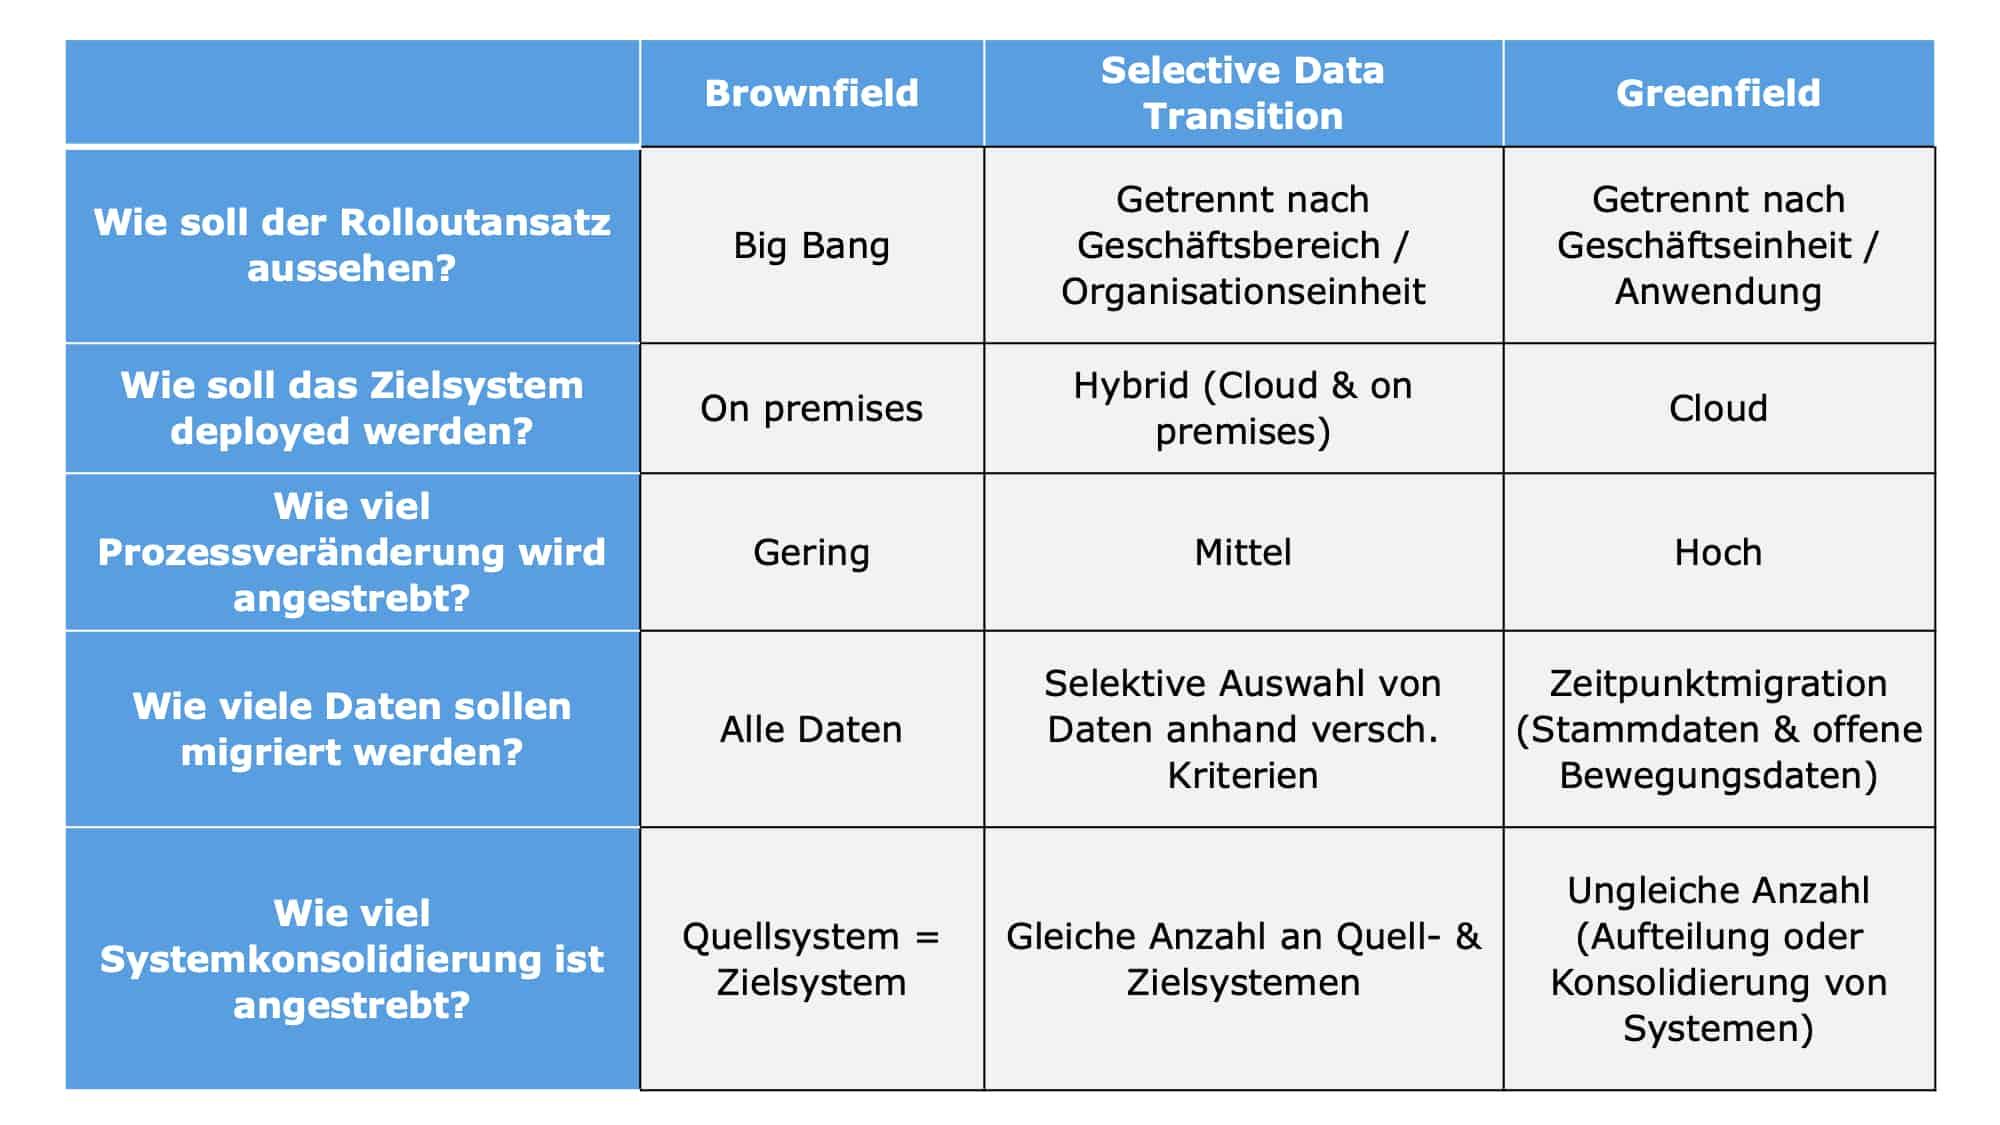 SAP S/4HANA Readiness Check Tabelle mit Fragen zum Rollout und Brownfield, Selektive Data Transition und Greenfield Ansätzen